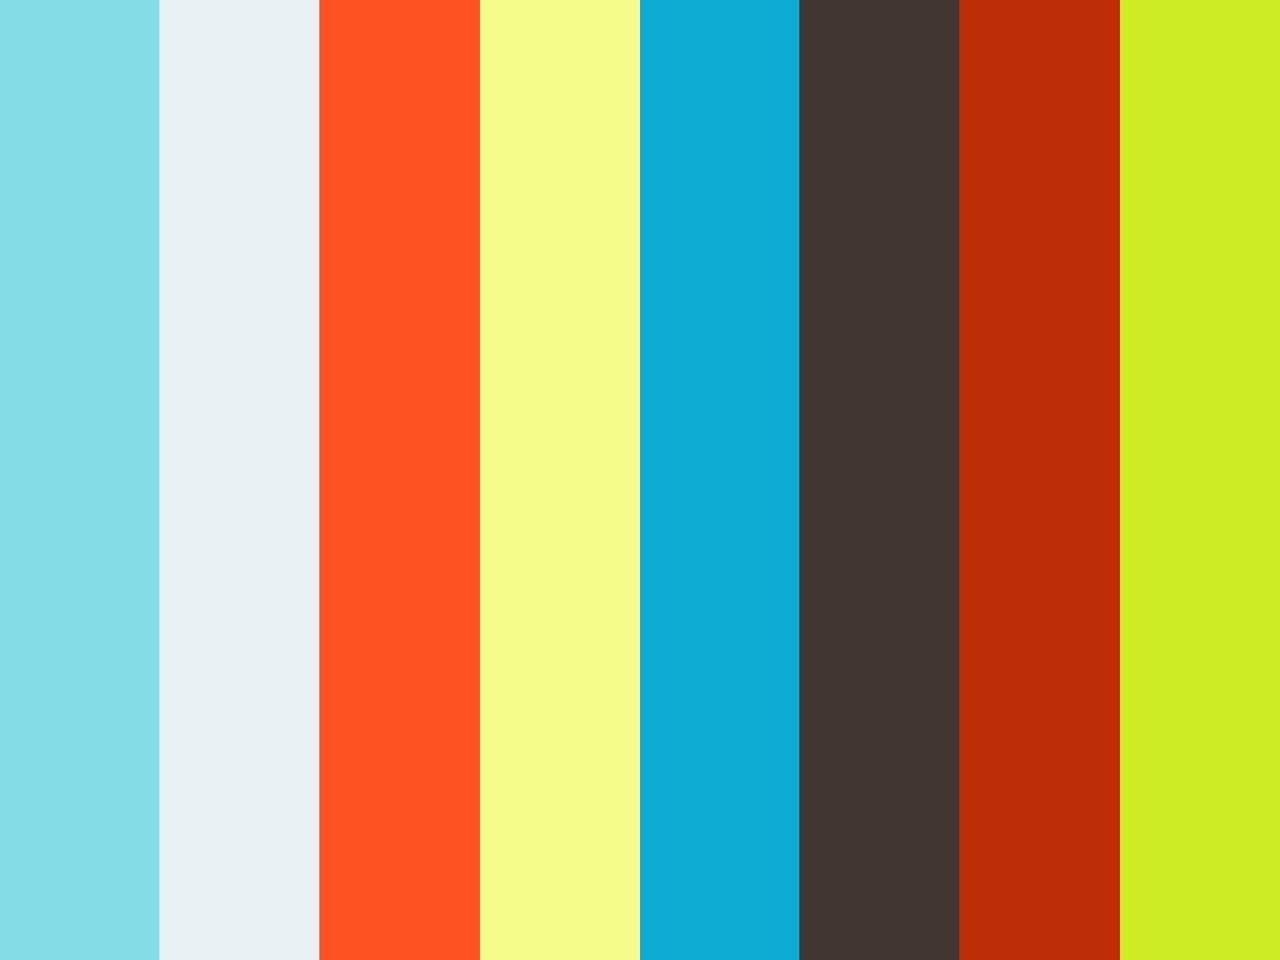 Molokai Covid19 Update - Monday, May 4, 2020